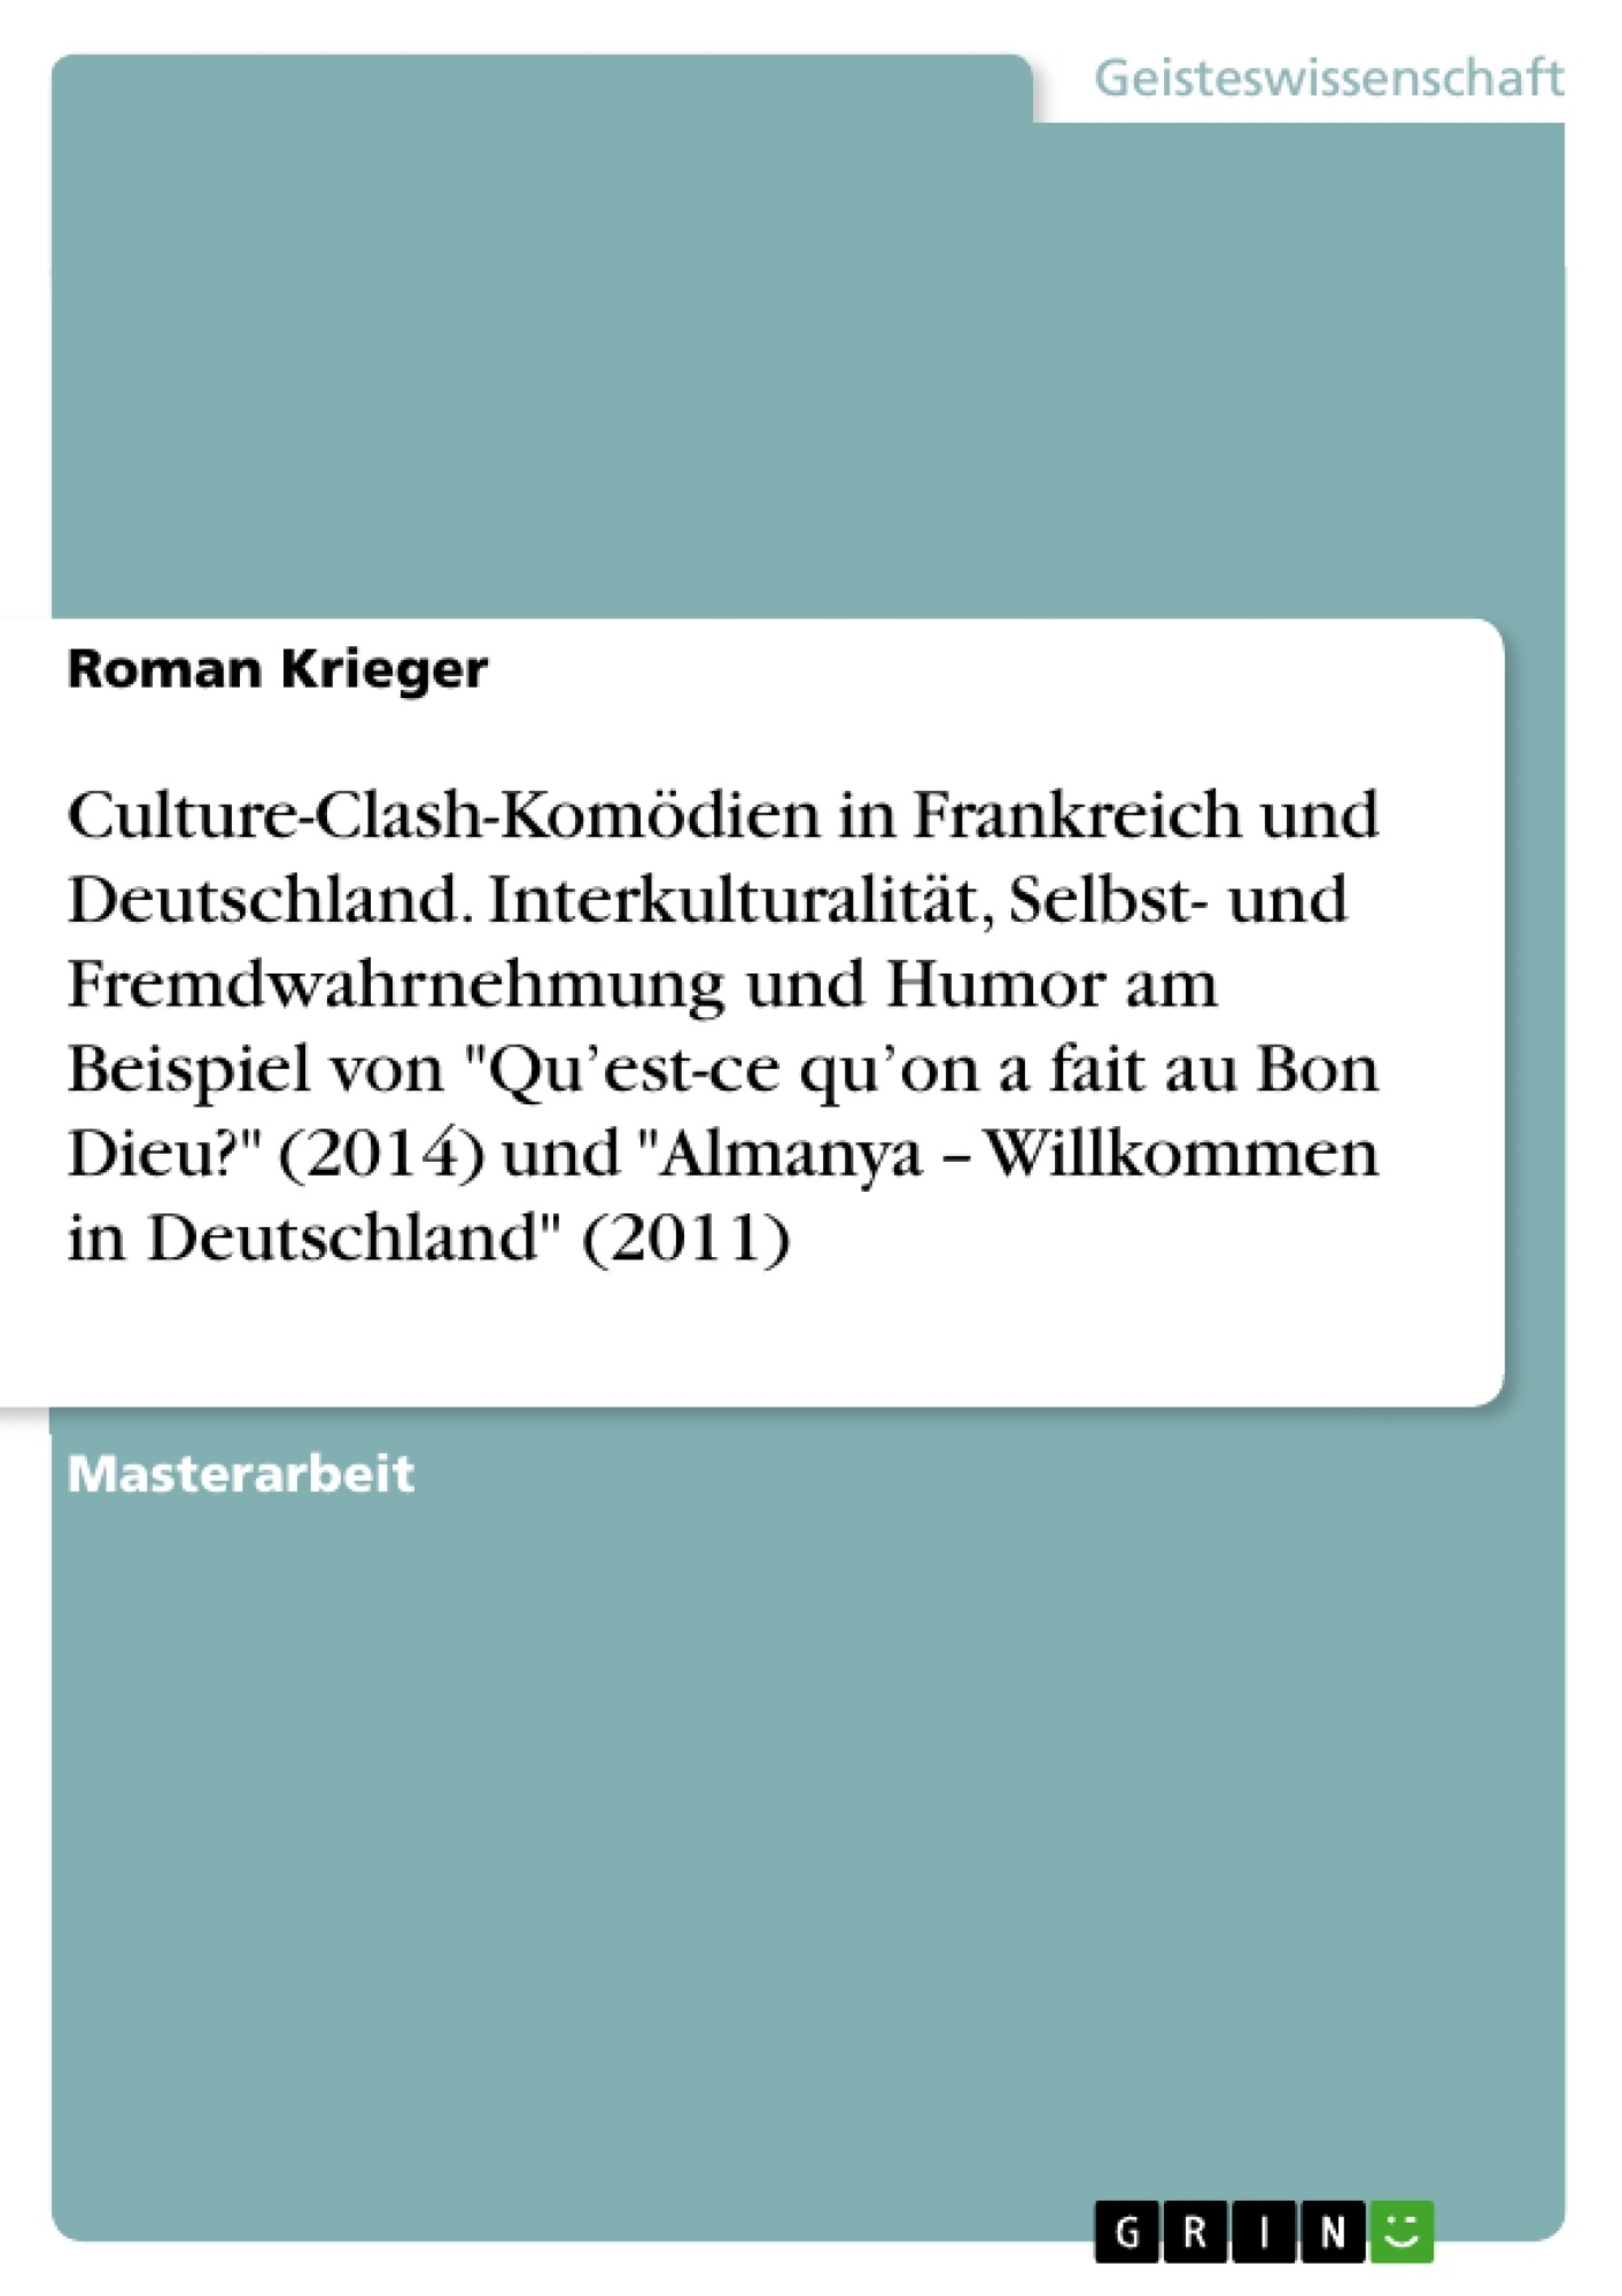 """Titel: Culture-Clash-Komödien in Frankreich und Deutschland. Interkulturalität, Selbst- und Fremdwahrnehmung und Humor am Beispiel von """"Qu'est-ce qu'on a fait au Bon Dieu?"""" (2014) und """"Almanya – Willkommen in Deutschland"""" (2011)"""